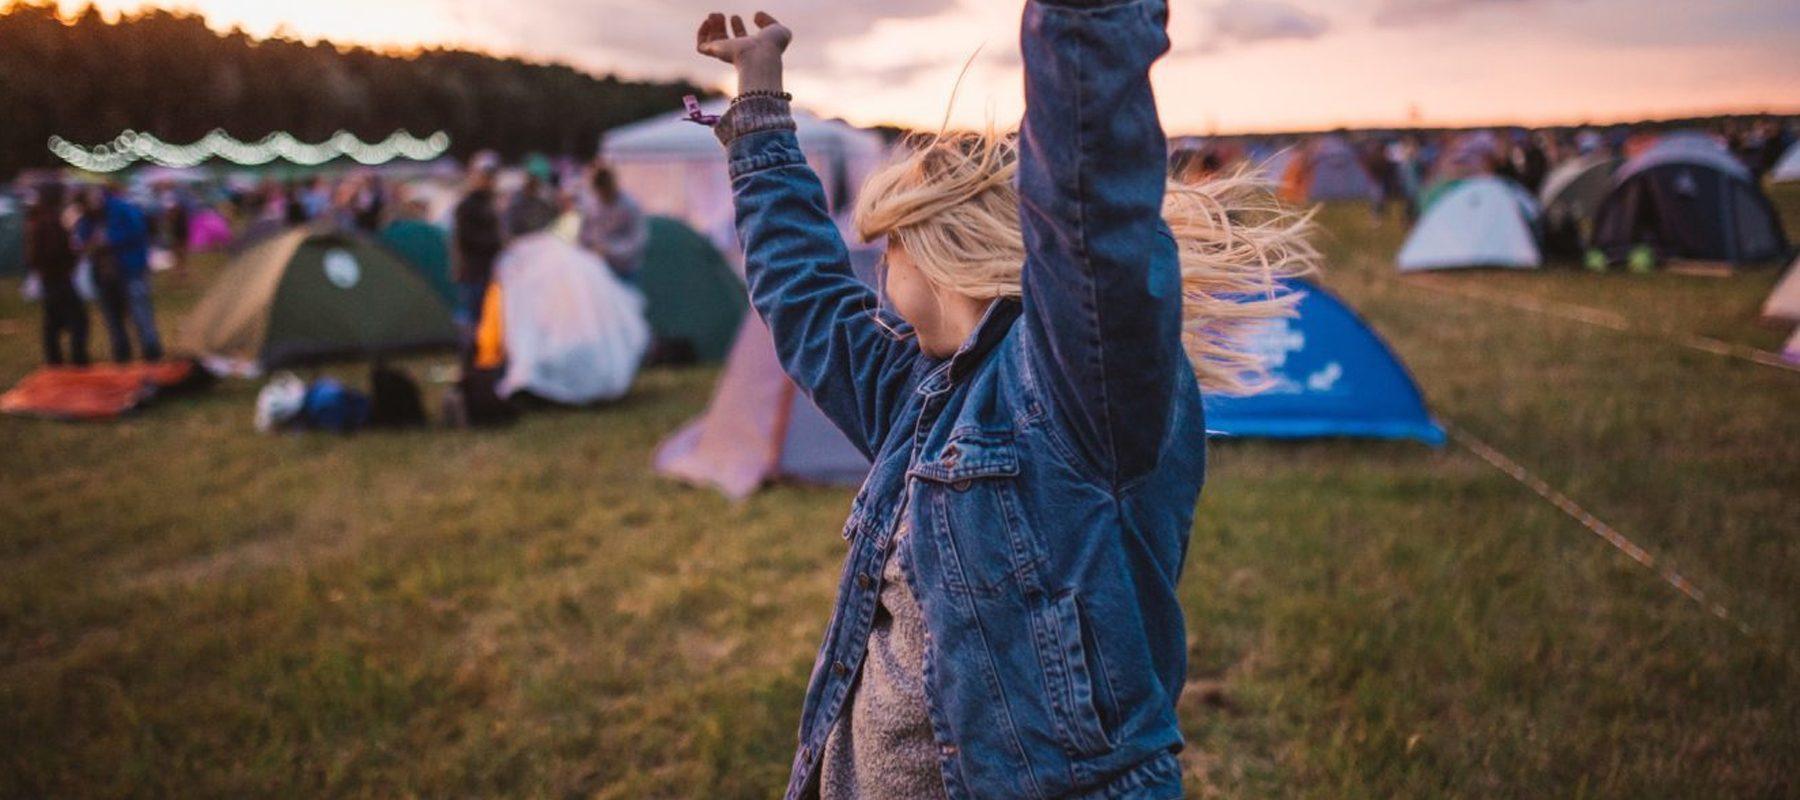 Best Devon Festivals for 2019